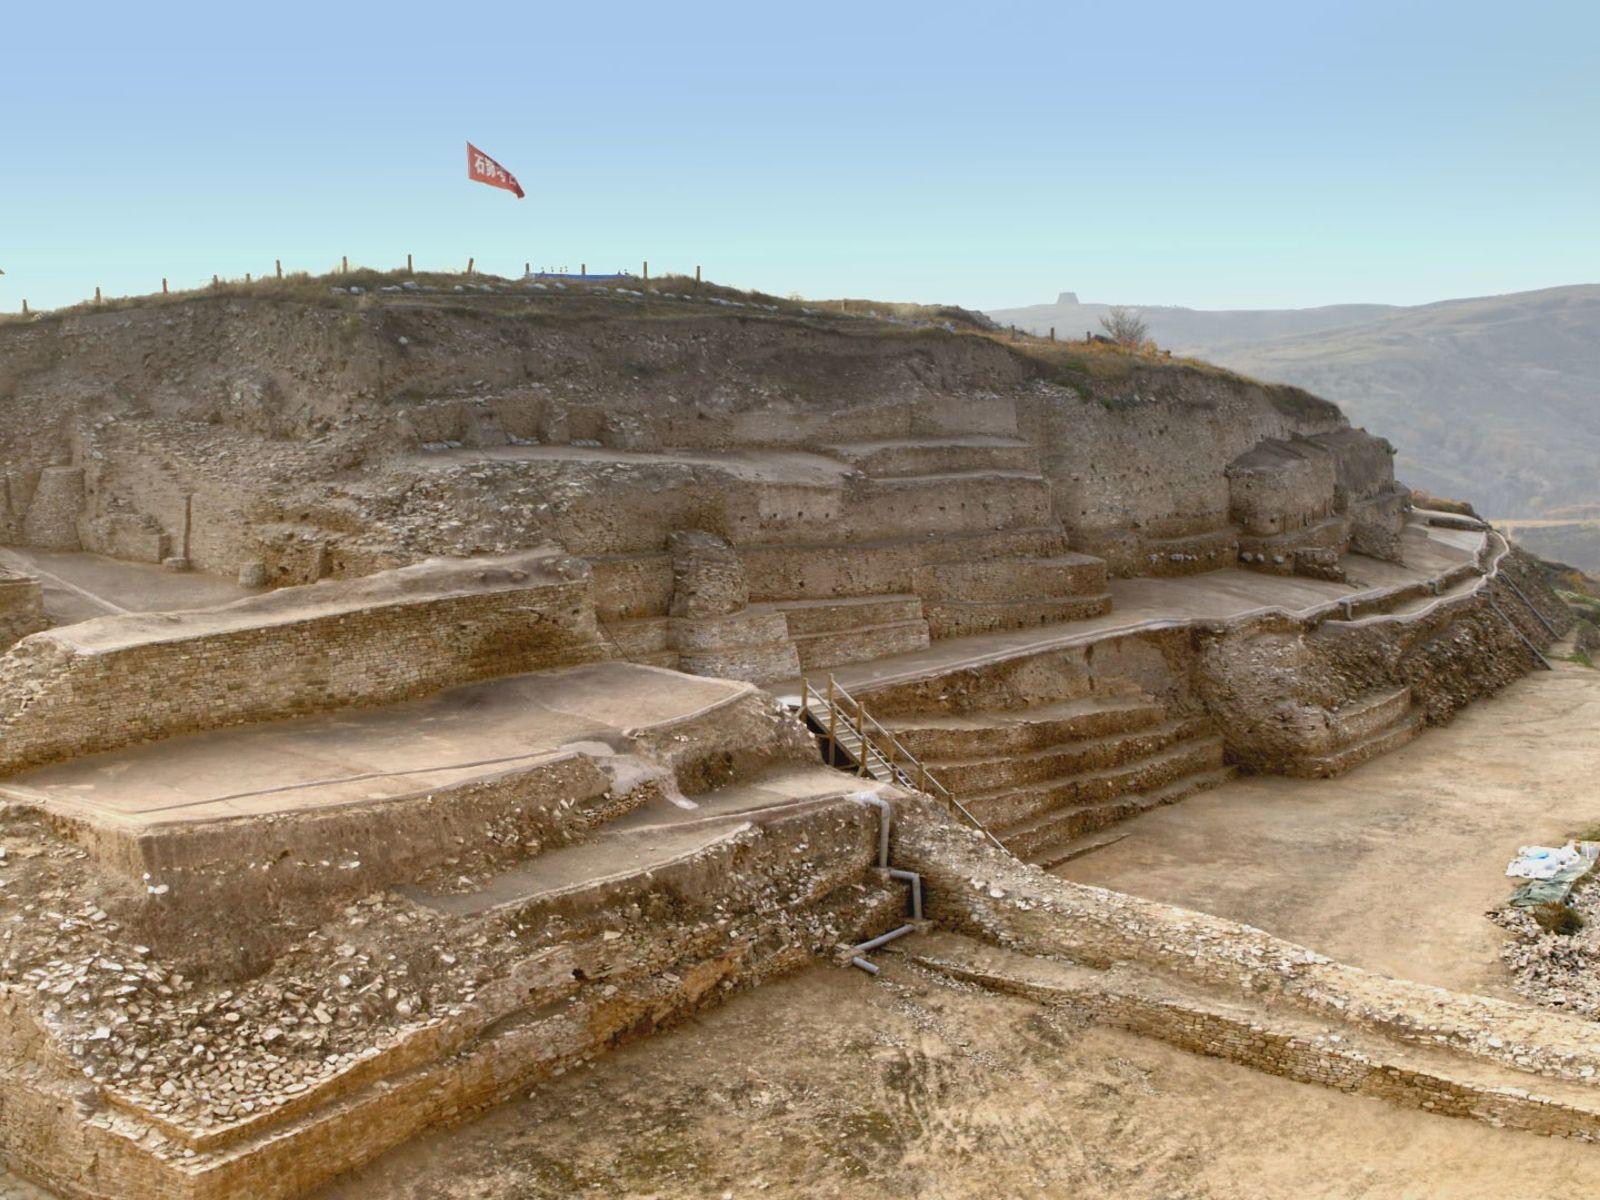 Coroada por uma pirâmide em degraus com mais de 60 metros de altura, uma cidade fortaleza ...